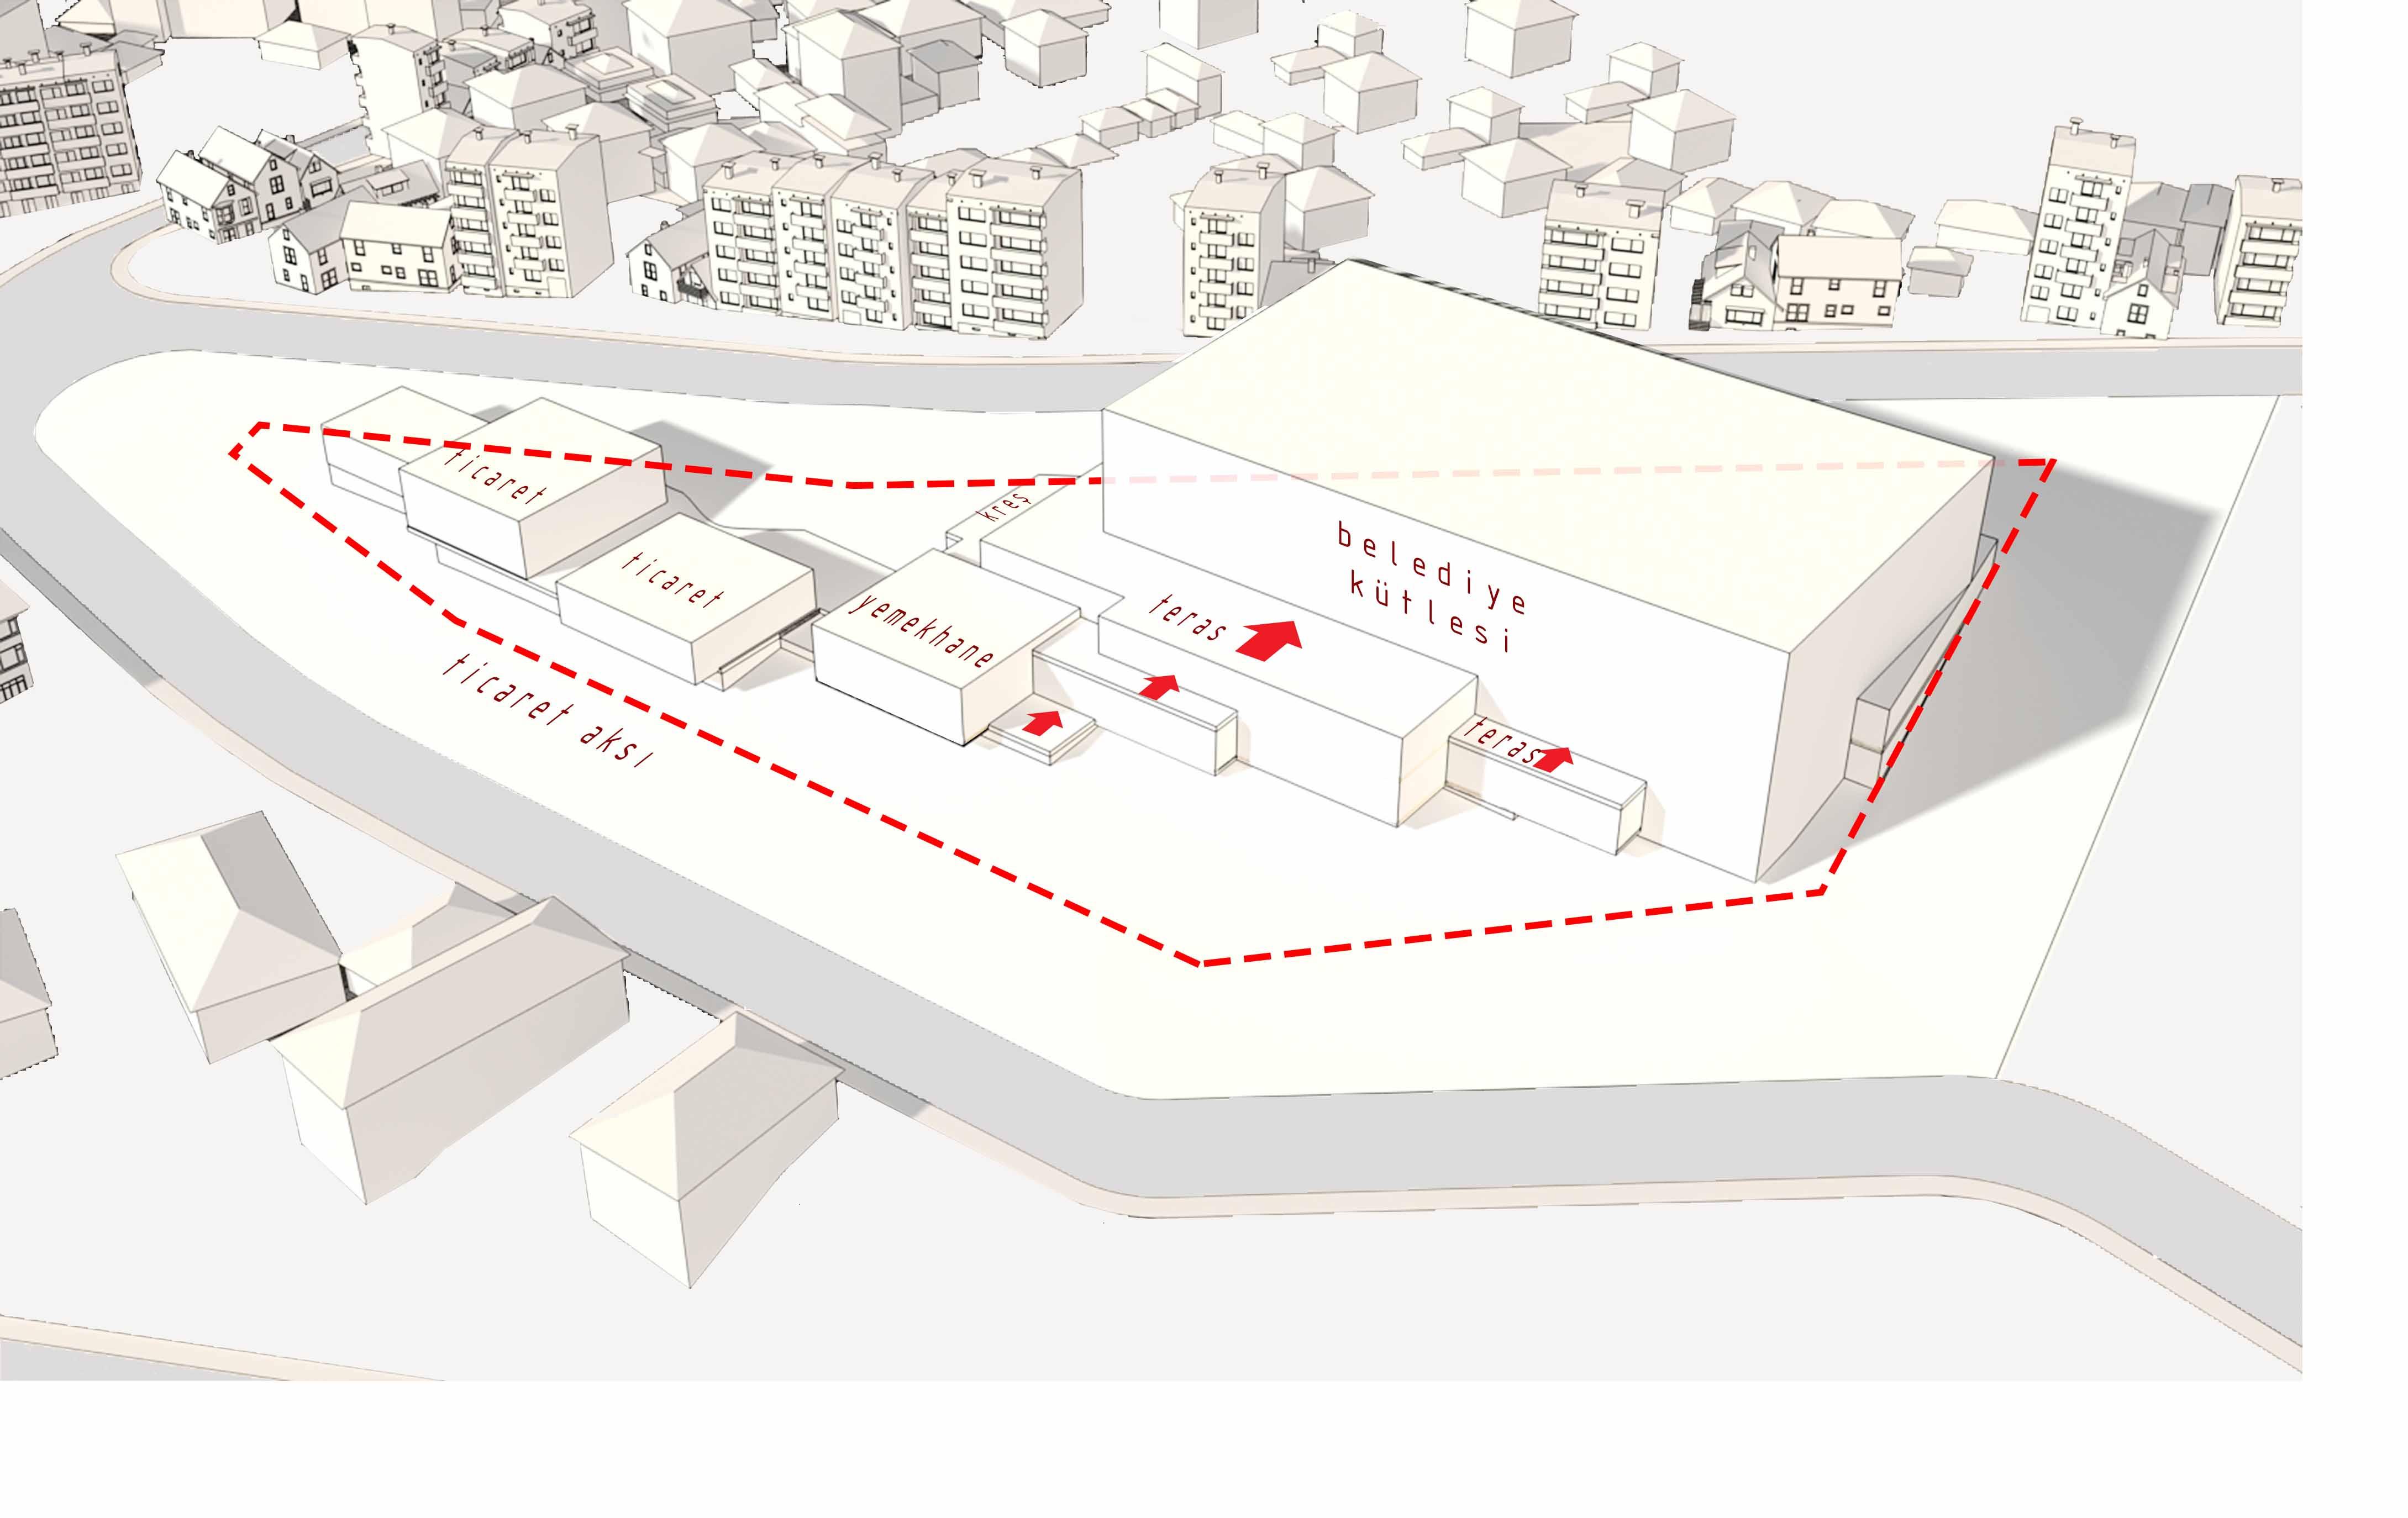 dodofis mimarlık ofisi süleymanpaşa belediye binası diyagram 3